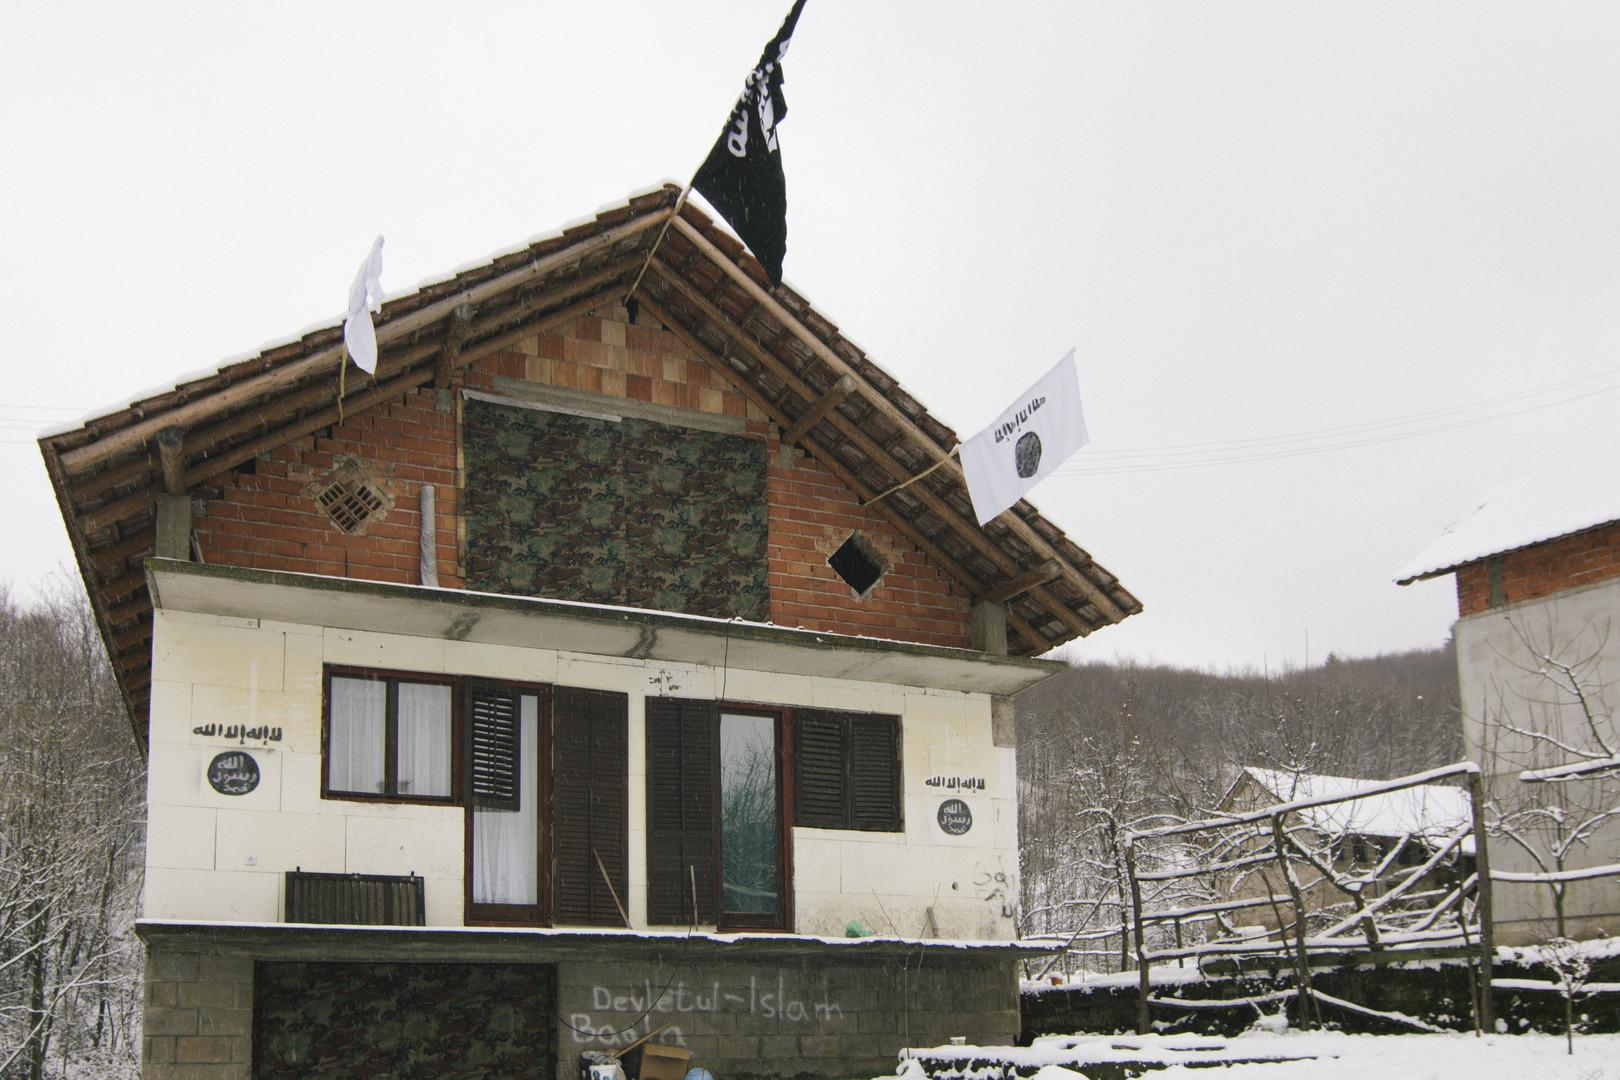 Wie der radikale Islam und eine ominöse Rolle der USA die Sicherheit am Balkan bedrohen